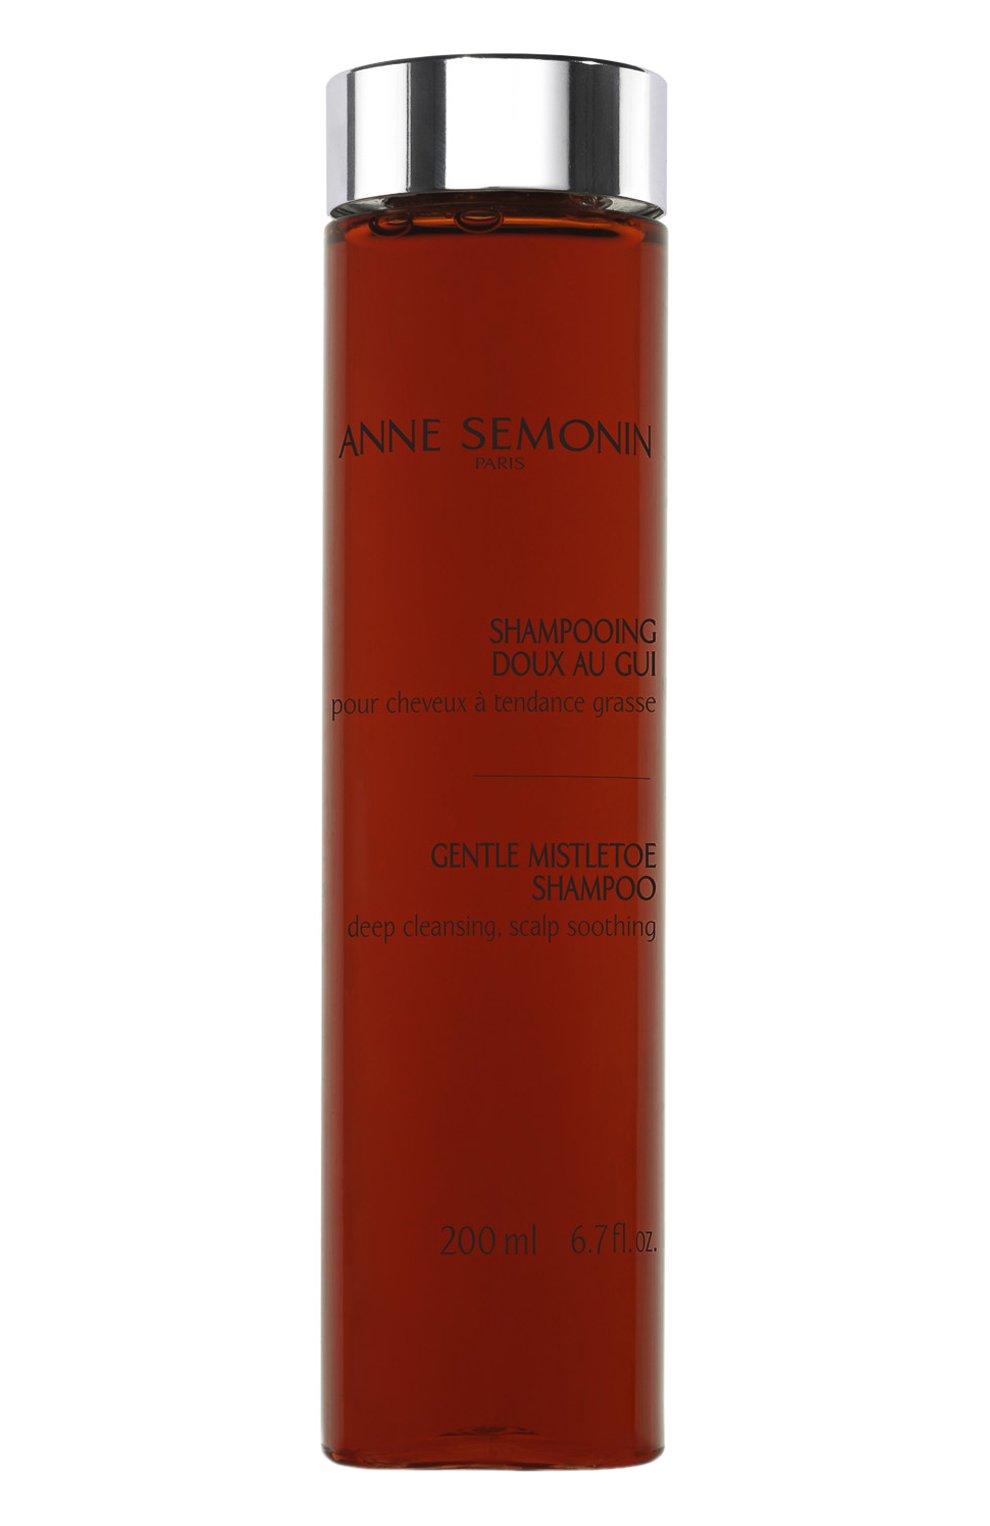 Мягкий шампунь с растительными экстрактами  (200ml) ANNE SEMONIN бесцветного цвета, арт. 3700084621111 | Фото 1 (Статус проверки: Проверена категория)